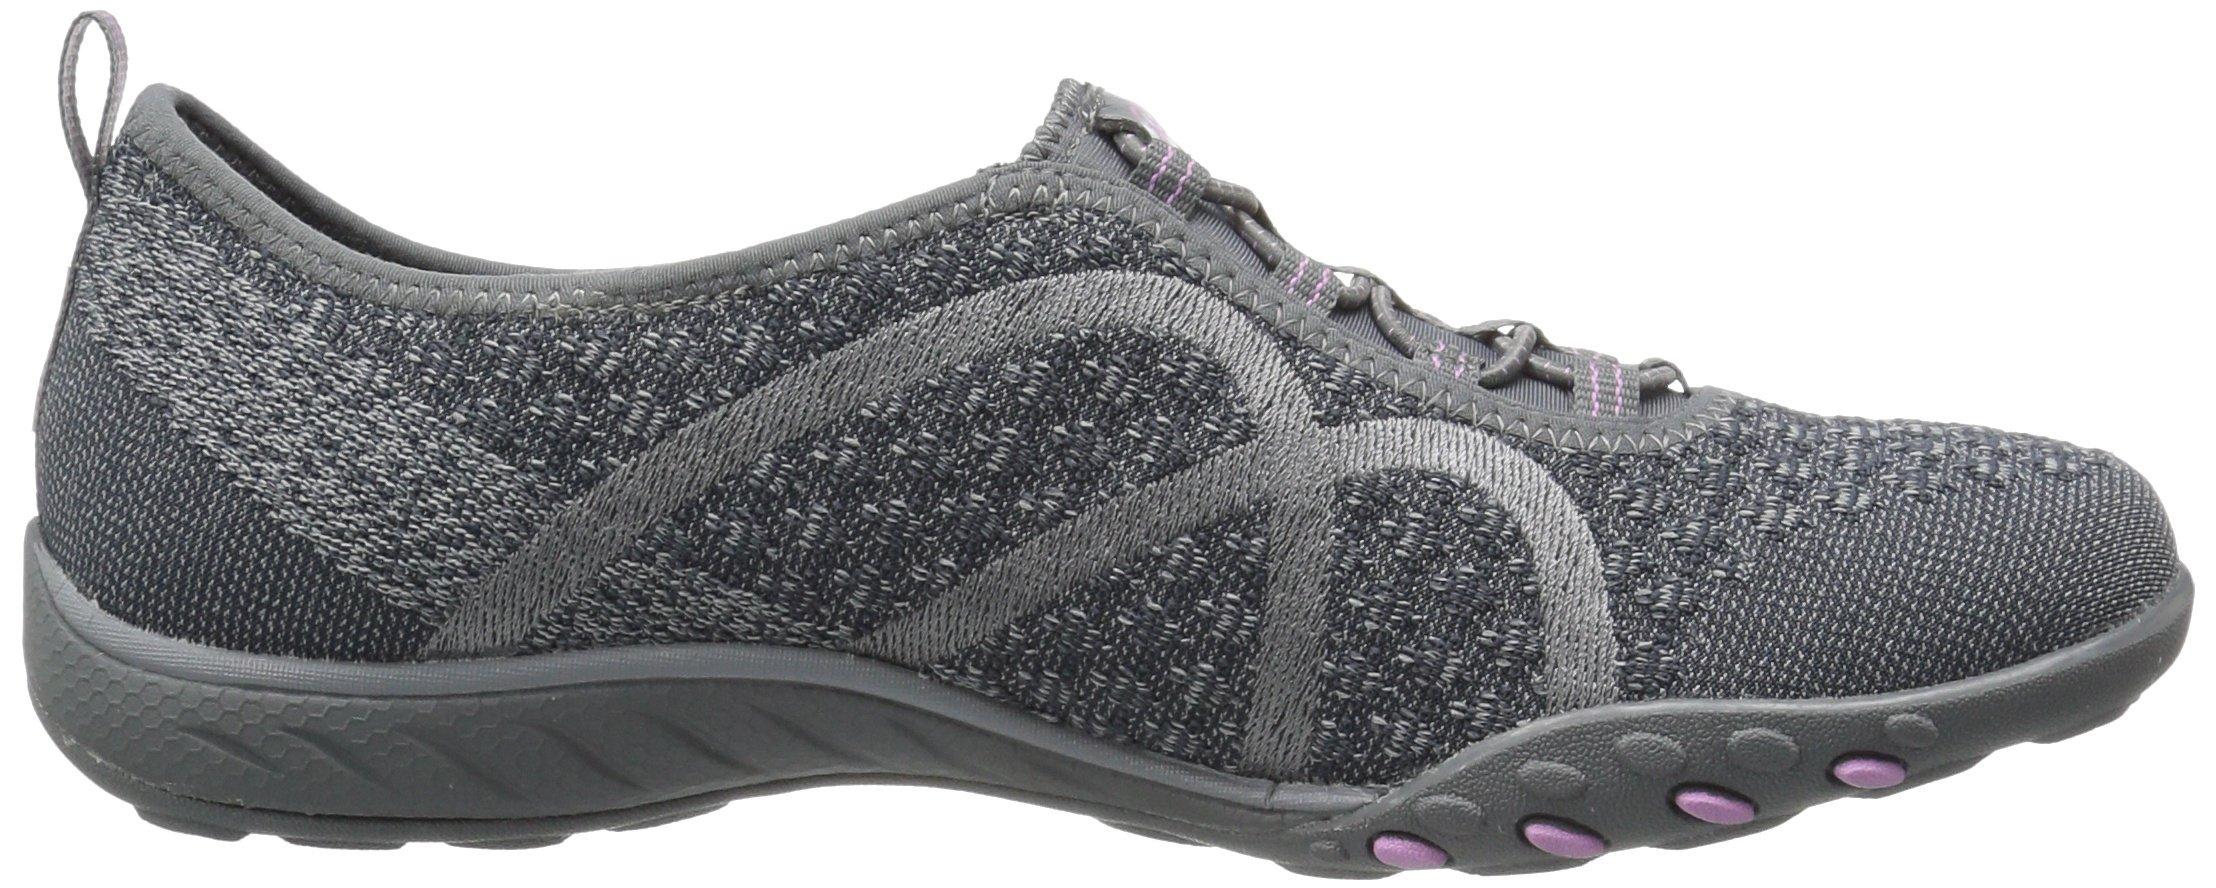 Skechers Sport Women's Breathe Easy Fortune Fashion Sneaker,Charcoal Knit,5 M US by Skechers (Image #7)